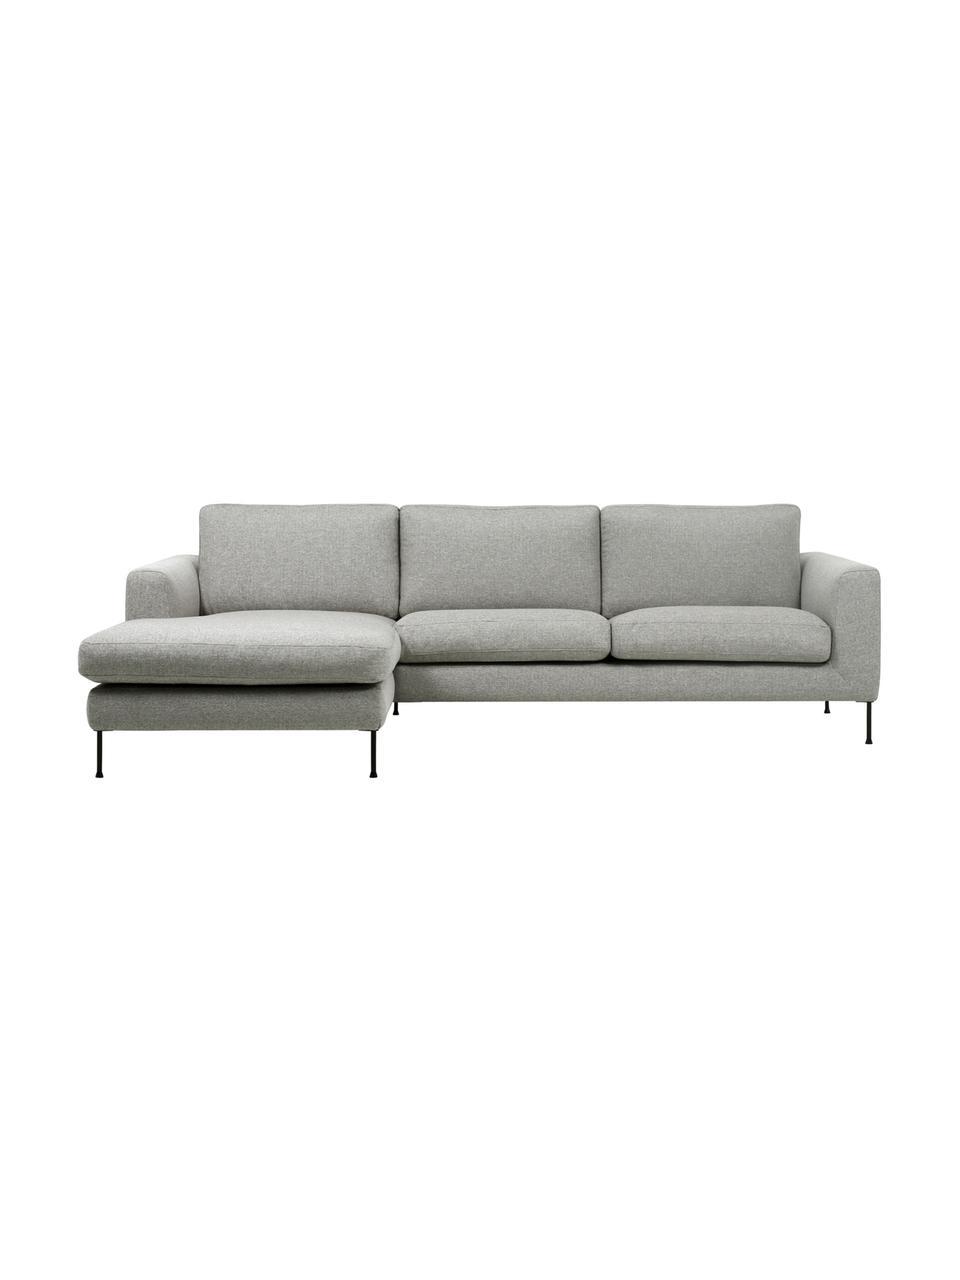 Canapé d'angle 3places gris clair Cucita, Tissu gris clair